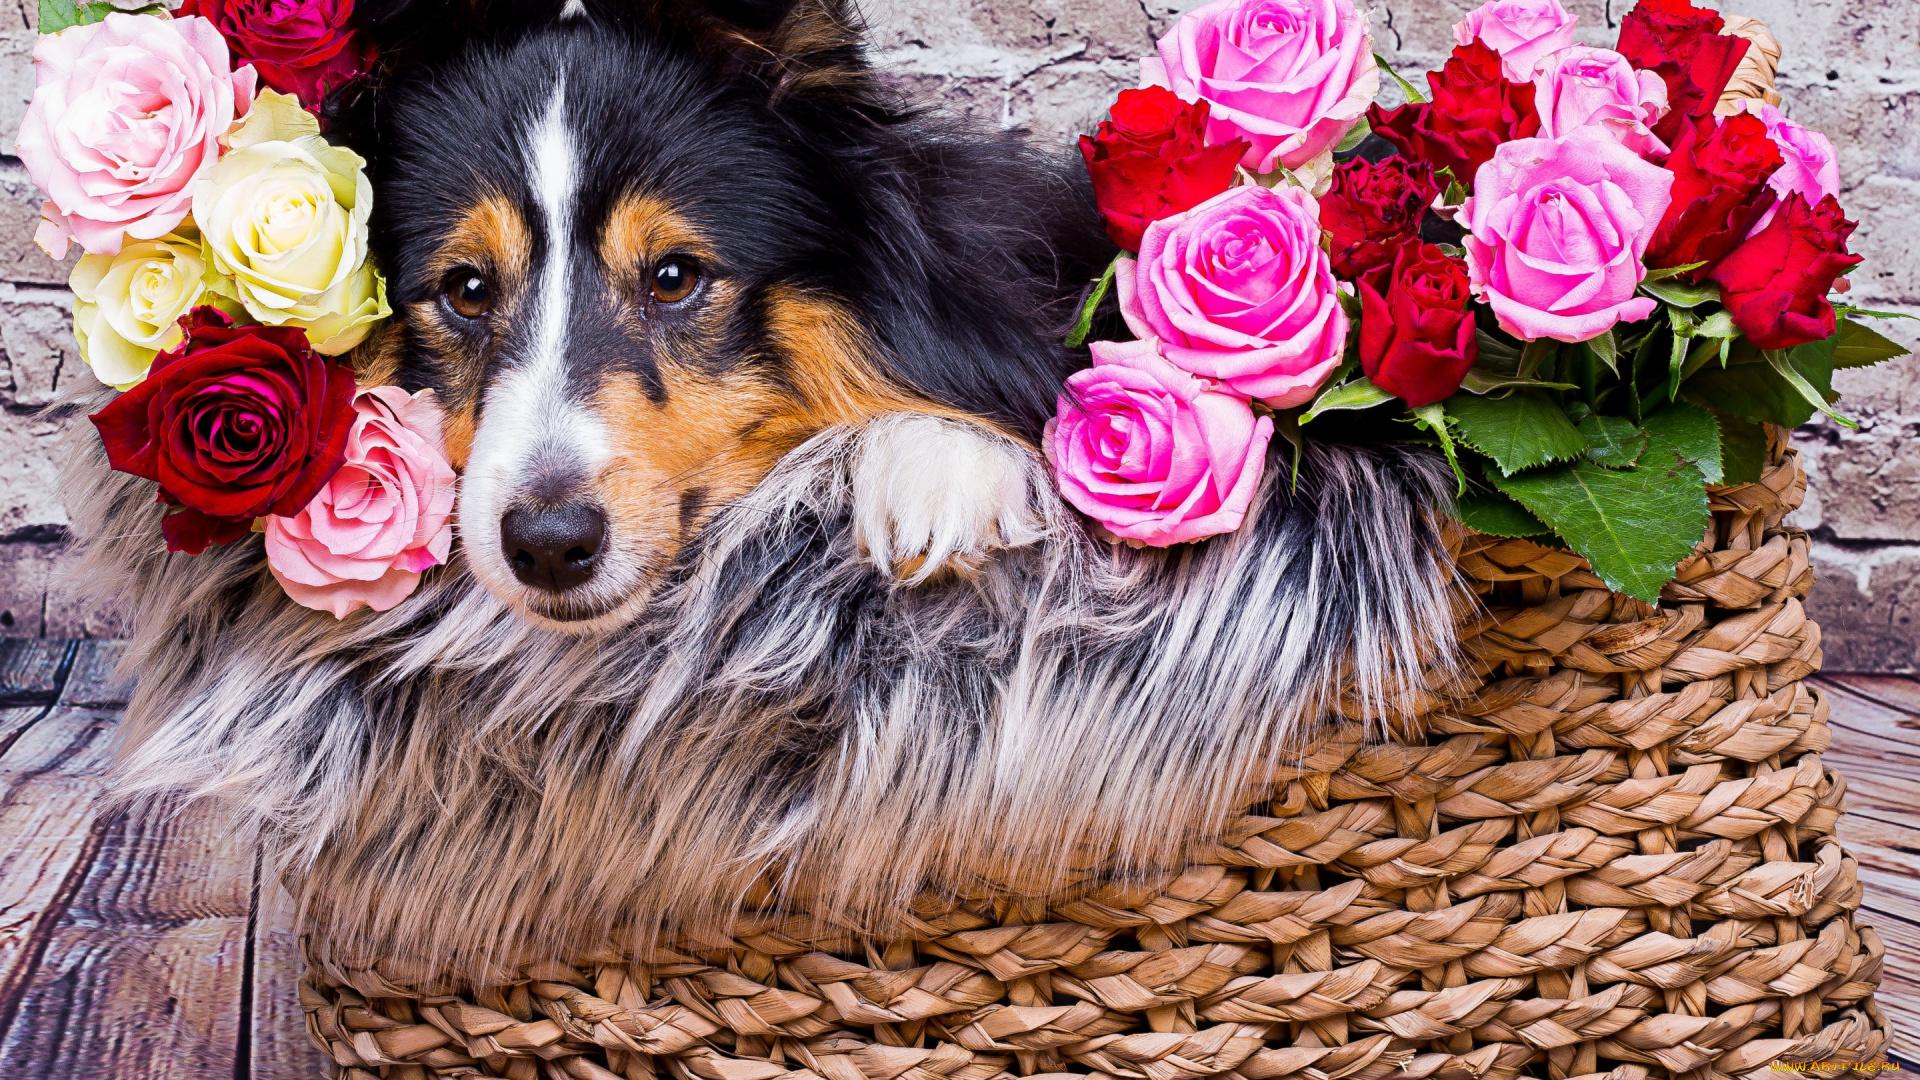 Красивые открытки цветы животные